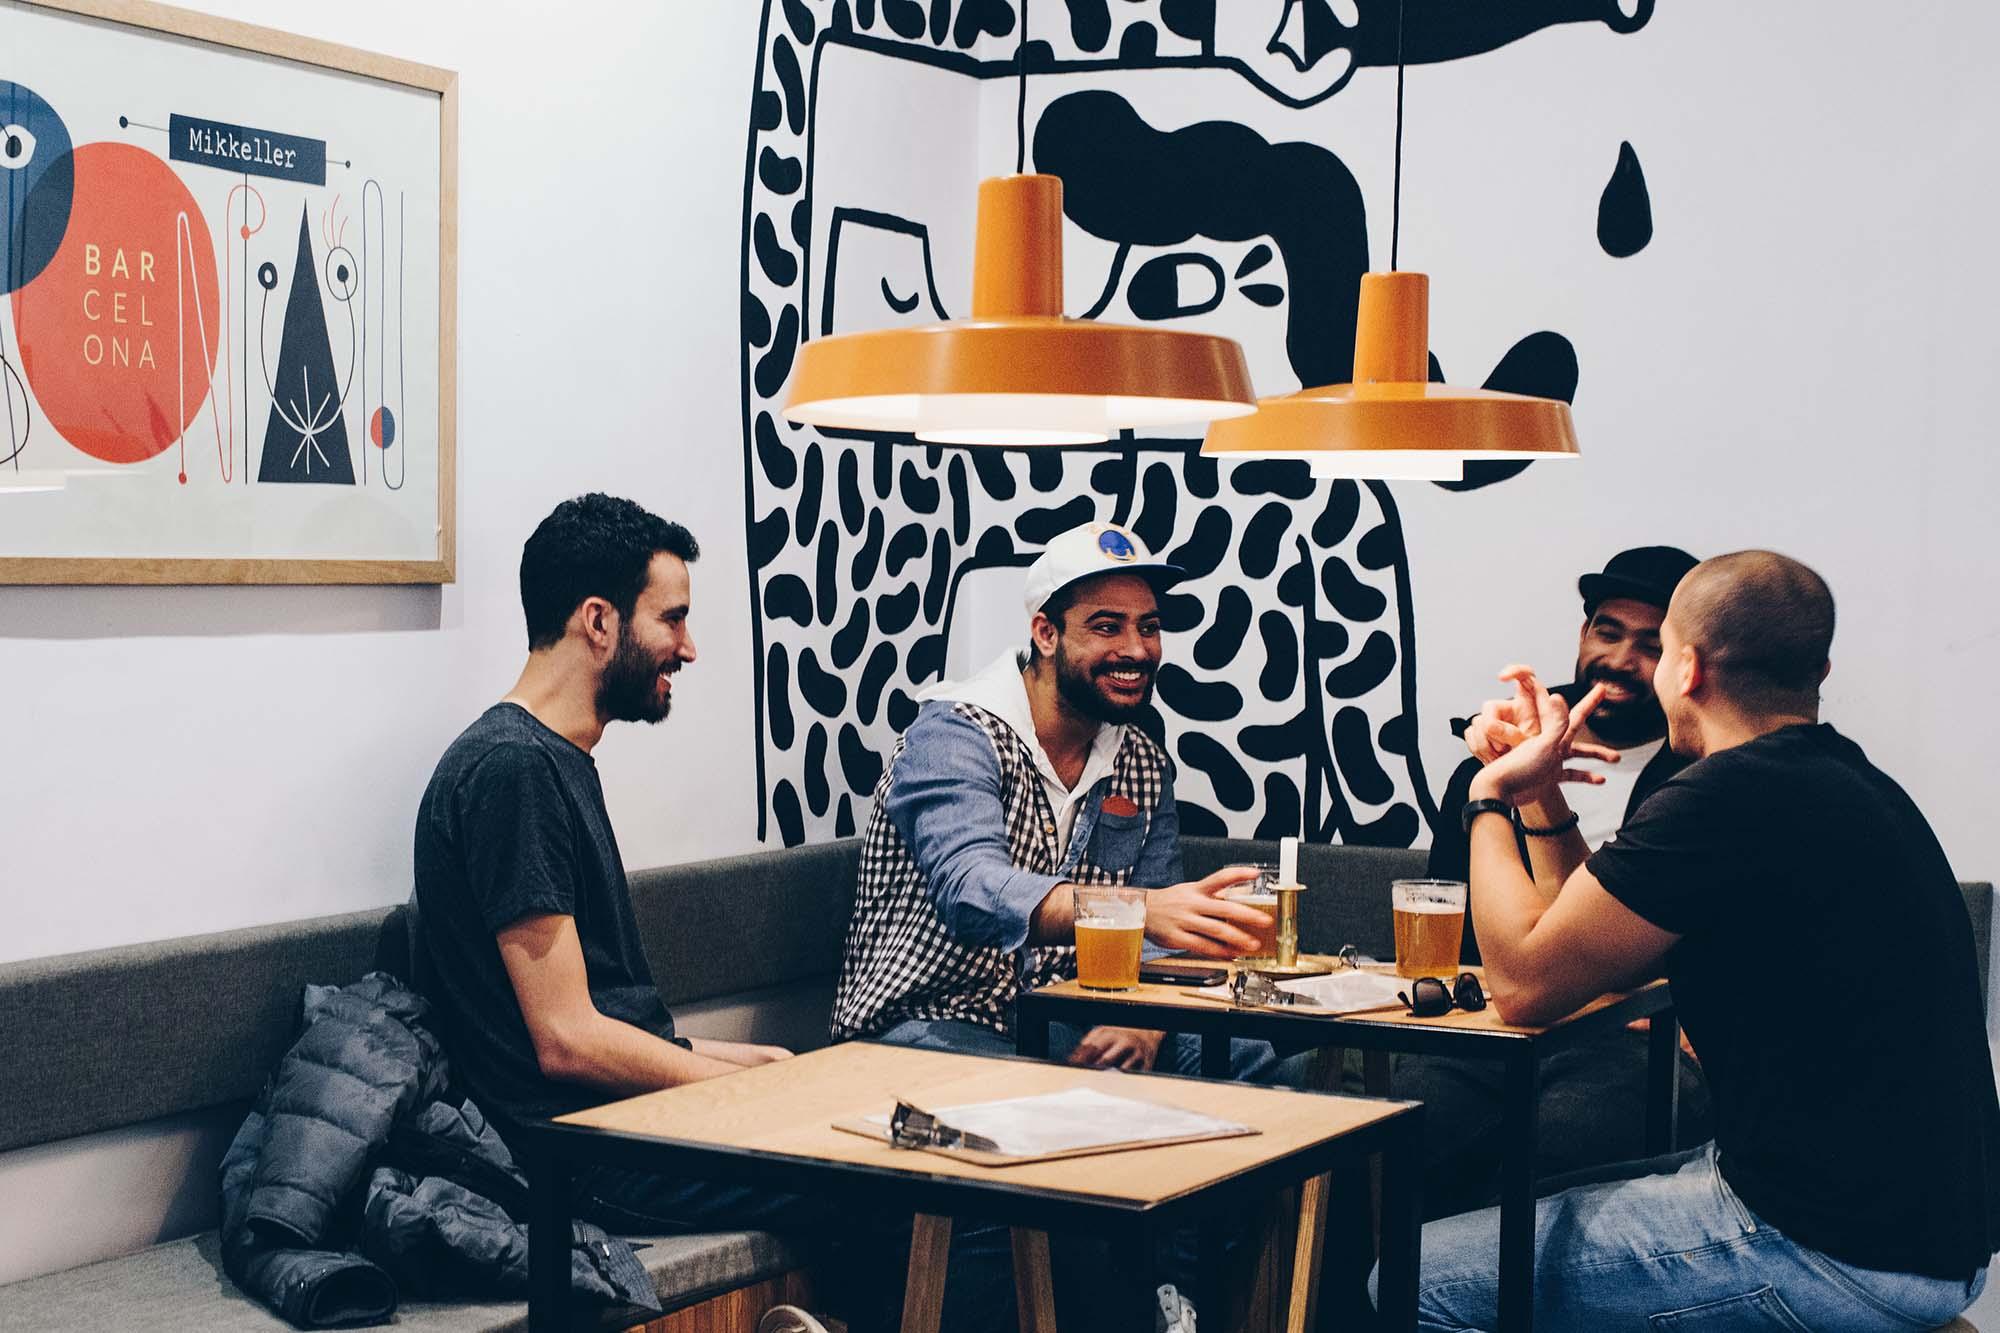 Barcelona craft beer guide: Mikkeller Bar Barcelona